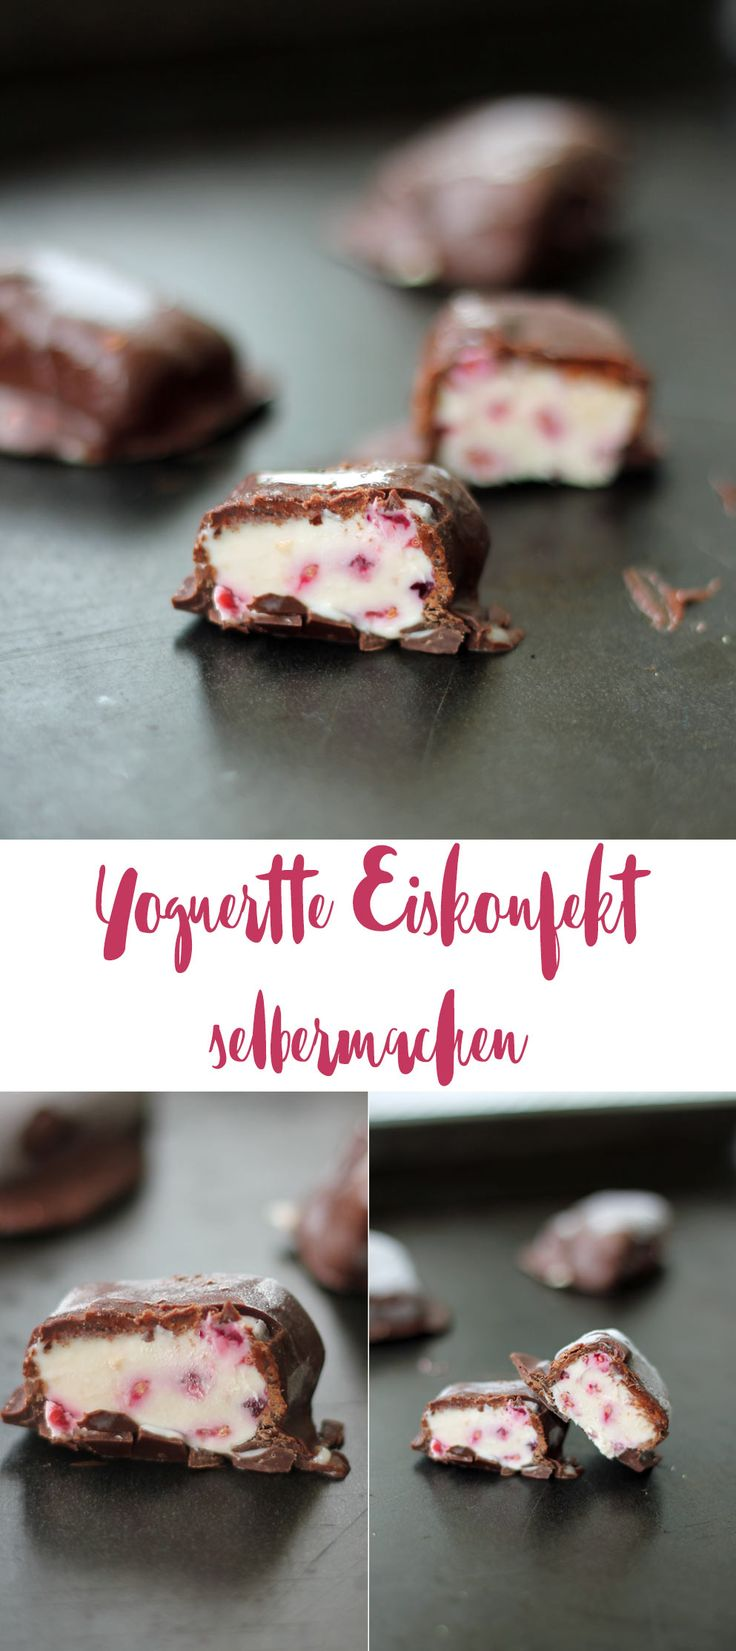 Yogurette Eiskonfekt selbermachen - leckere Eiserfrischung für den Sommer